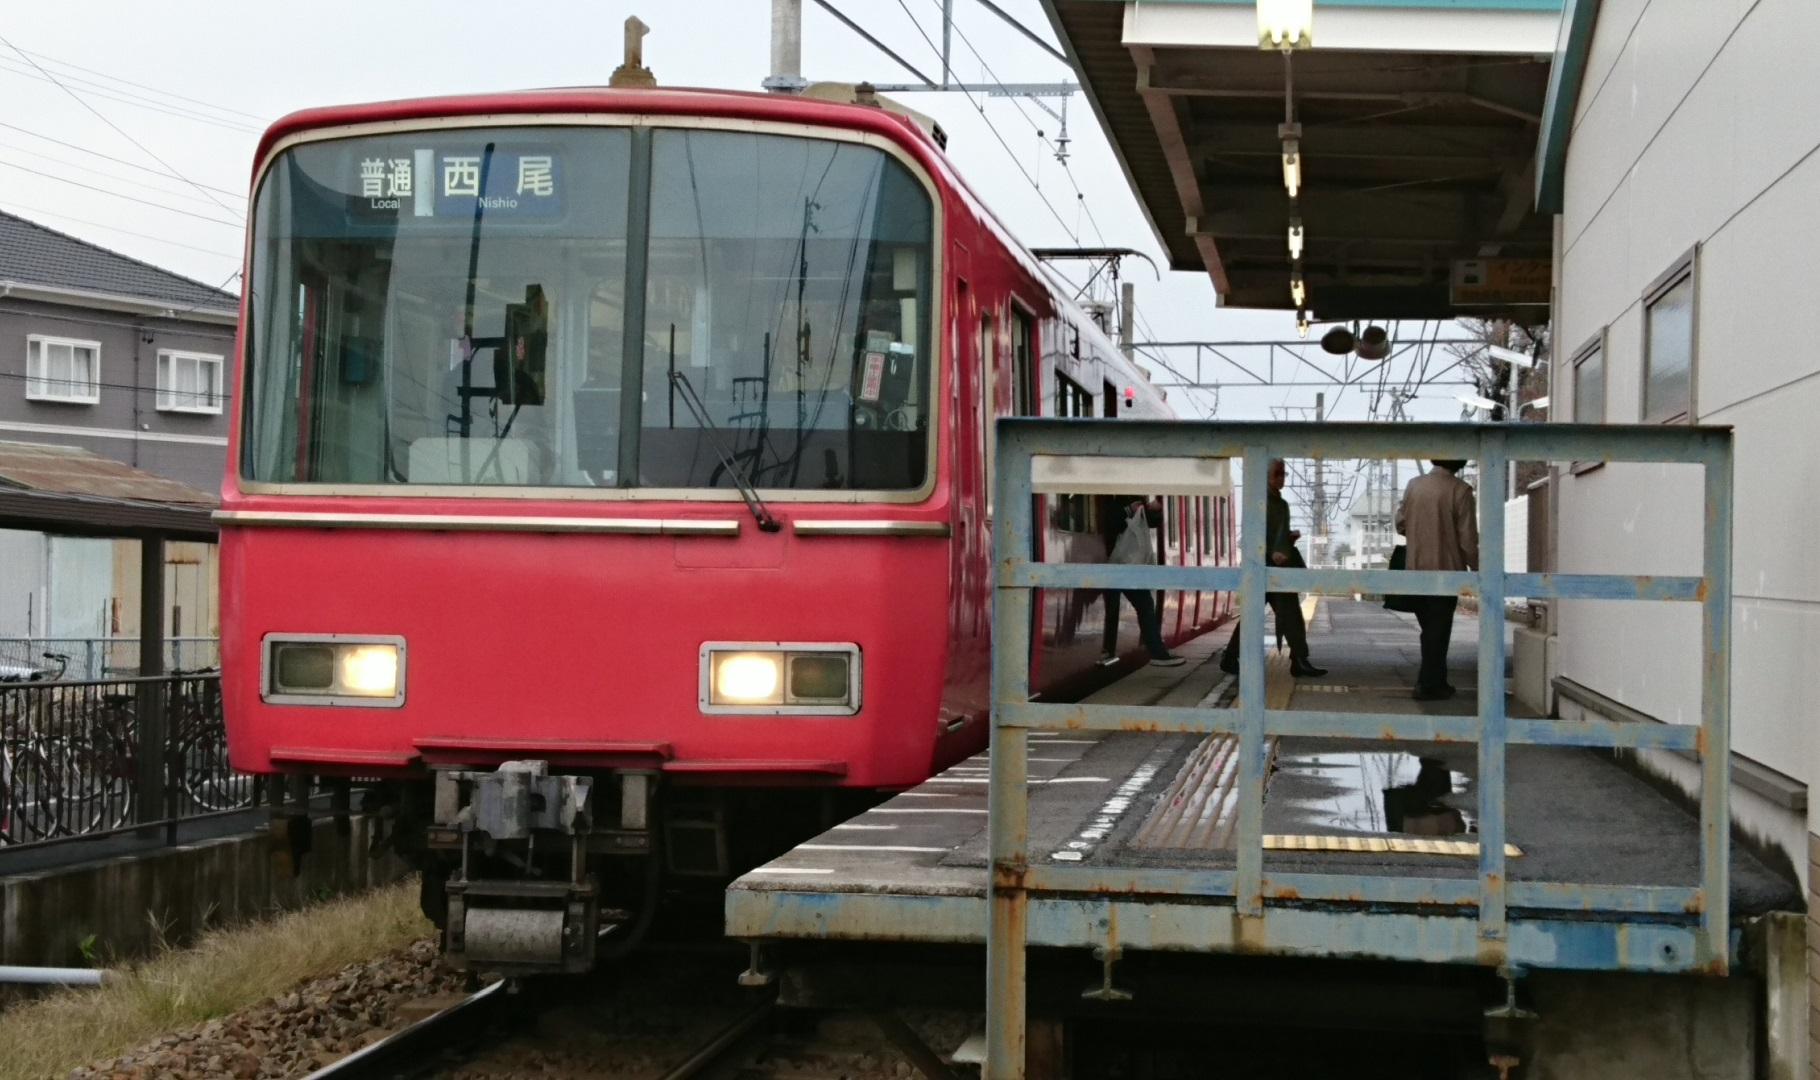 2016.11.19 古井のえきそうじ (4) 西尾いきふつう 1820-1080